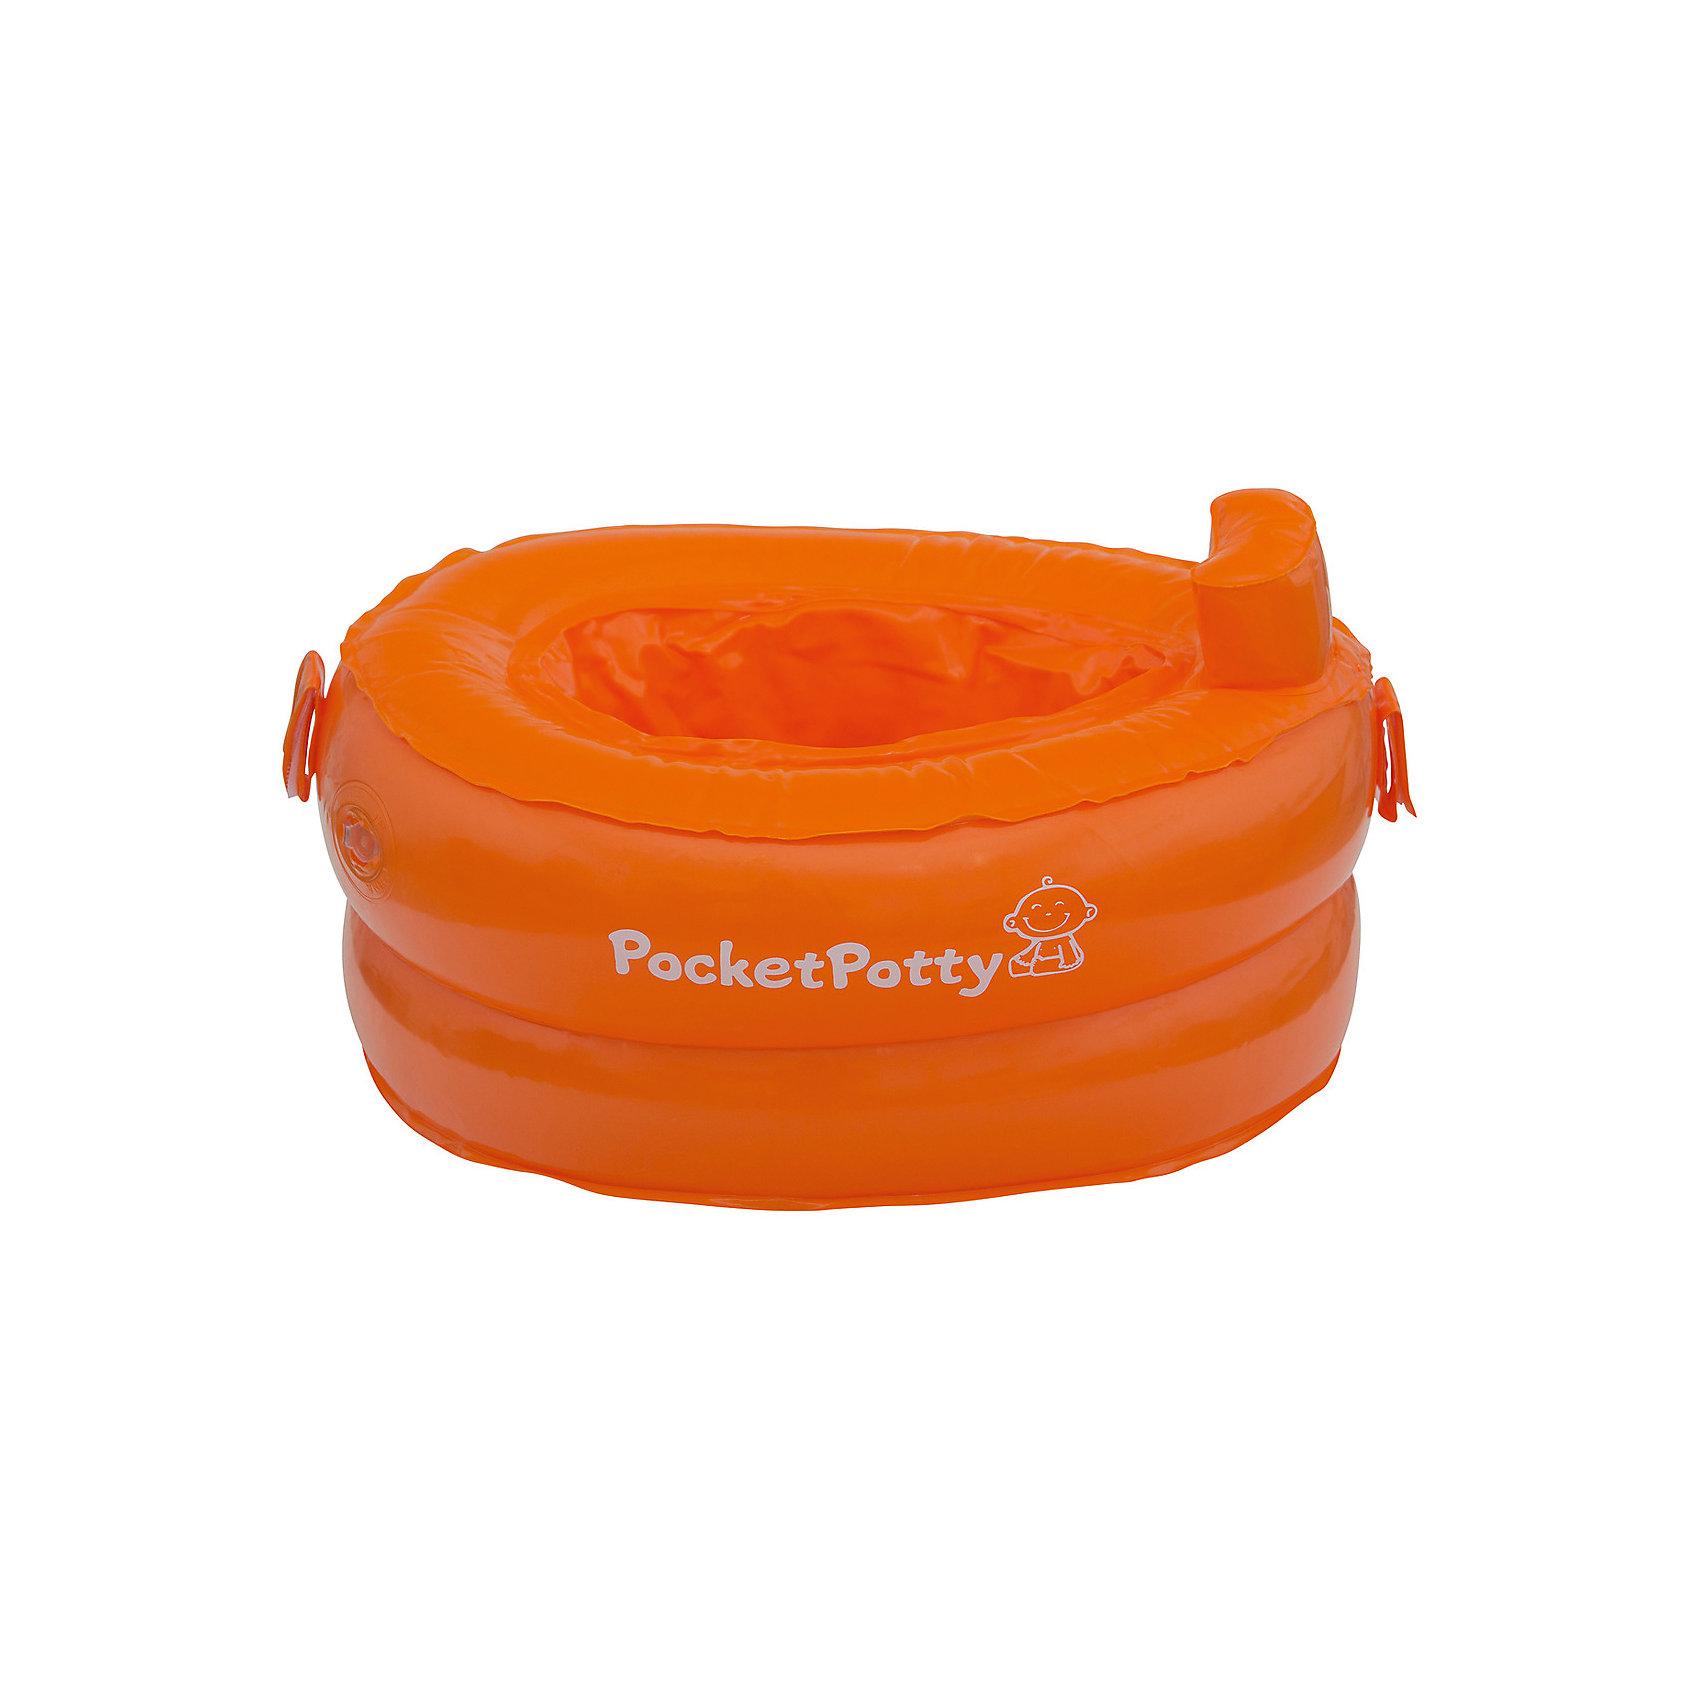 Надувной дорожный горшок PocketPotty со сменными пакетамиНадувной дорожный горшок PocketPotty со сменными пакетами – это компактный вариант дорожного горшка!<br>Горшок PocketPotty (ПокетПотти) удобен для путешествий или длительных прогулок с малышом. Благодаря небольшому весу и компактным размерам в сложенном состоянии модель удобно переносить. Выпустив из горшка воздух, помогающий ему держать форму, вы поместите его даже в небольшой кармашек сумки. Конструкция из двух широких камер обеспечивает необходимую устойчивость и достаточную для малыша высоту посадки. Специальный барьер предотвращает разбрызгивание жидкости. Горшок PocketPotty (ПокетПотти) может использоваться в комплекте со специальными одноразовыми вкладышами, которые интенсивно впитывают жидкость и превращают ее в гель. После использования вкладыши можно выбросить. Изначально в комплекте с надувным дорожным горшком PocketPotty (ПокетПотти) идут три таких вкладыша. В дальнейшем можно покупать их или сменные пакеты для дорожного горшка отдельно. Горшок сделан из прочных гипоаллергенных материалов. Он незаменим для отправления естественных потребностей малыша в любом общественном месте или таком замкнутом пространстве, как салон автобуса или самолета, а также автомобиль или поезд.<br><br>Дополнительная информация:<br><br>- Особенности: простота переноски, минимальный вес, высокое сиденье, удобство конструкции, надежность<br>- В комплекте: горшок, 3 одноразовых пакета-вкладыша<br>- Возраст: от 15 месяцев<br>- Максимальная нагрузка: 25 кг.<br>- Цвет: оранжевый<br>- Материал: ПВХ, полиэтилен<br>- Высота в надутом состоянии: 14,5 см.<br>- Размер упаковки: 14x14x6 см.<br>- Вес: 500 гр.<br><br>Надувной дорожный горшок PocketPotty со сменными пакетами можно купить в нашем интернет-магазине.<br><br>Ширина мм: 140<br>Глубина мм: 140<br>Высота мм: 60<br>Вес г: 500<br>Цвет: оранжевый<br>Возраст от месяцев: 18<br>Возраст до месяцев: 36<br>Пол: Унисекс<br>Возраст: Детский<br>SKU: 4623927